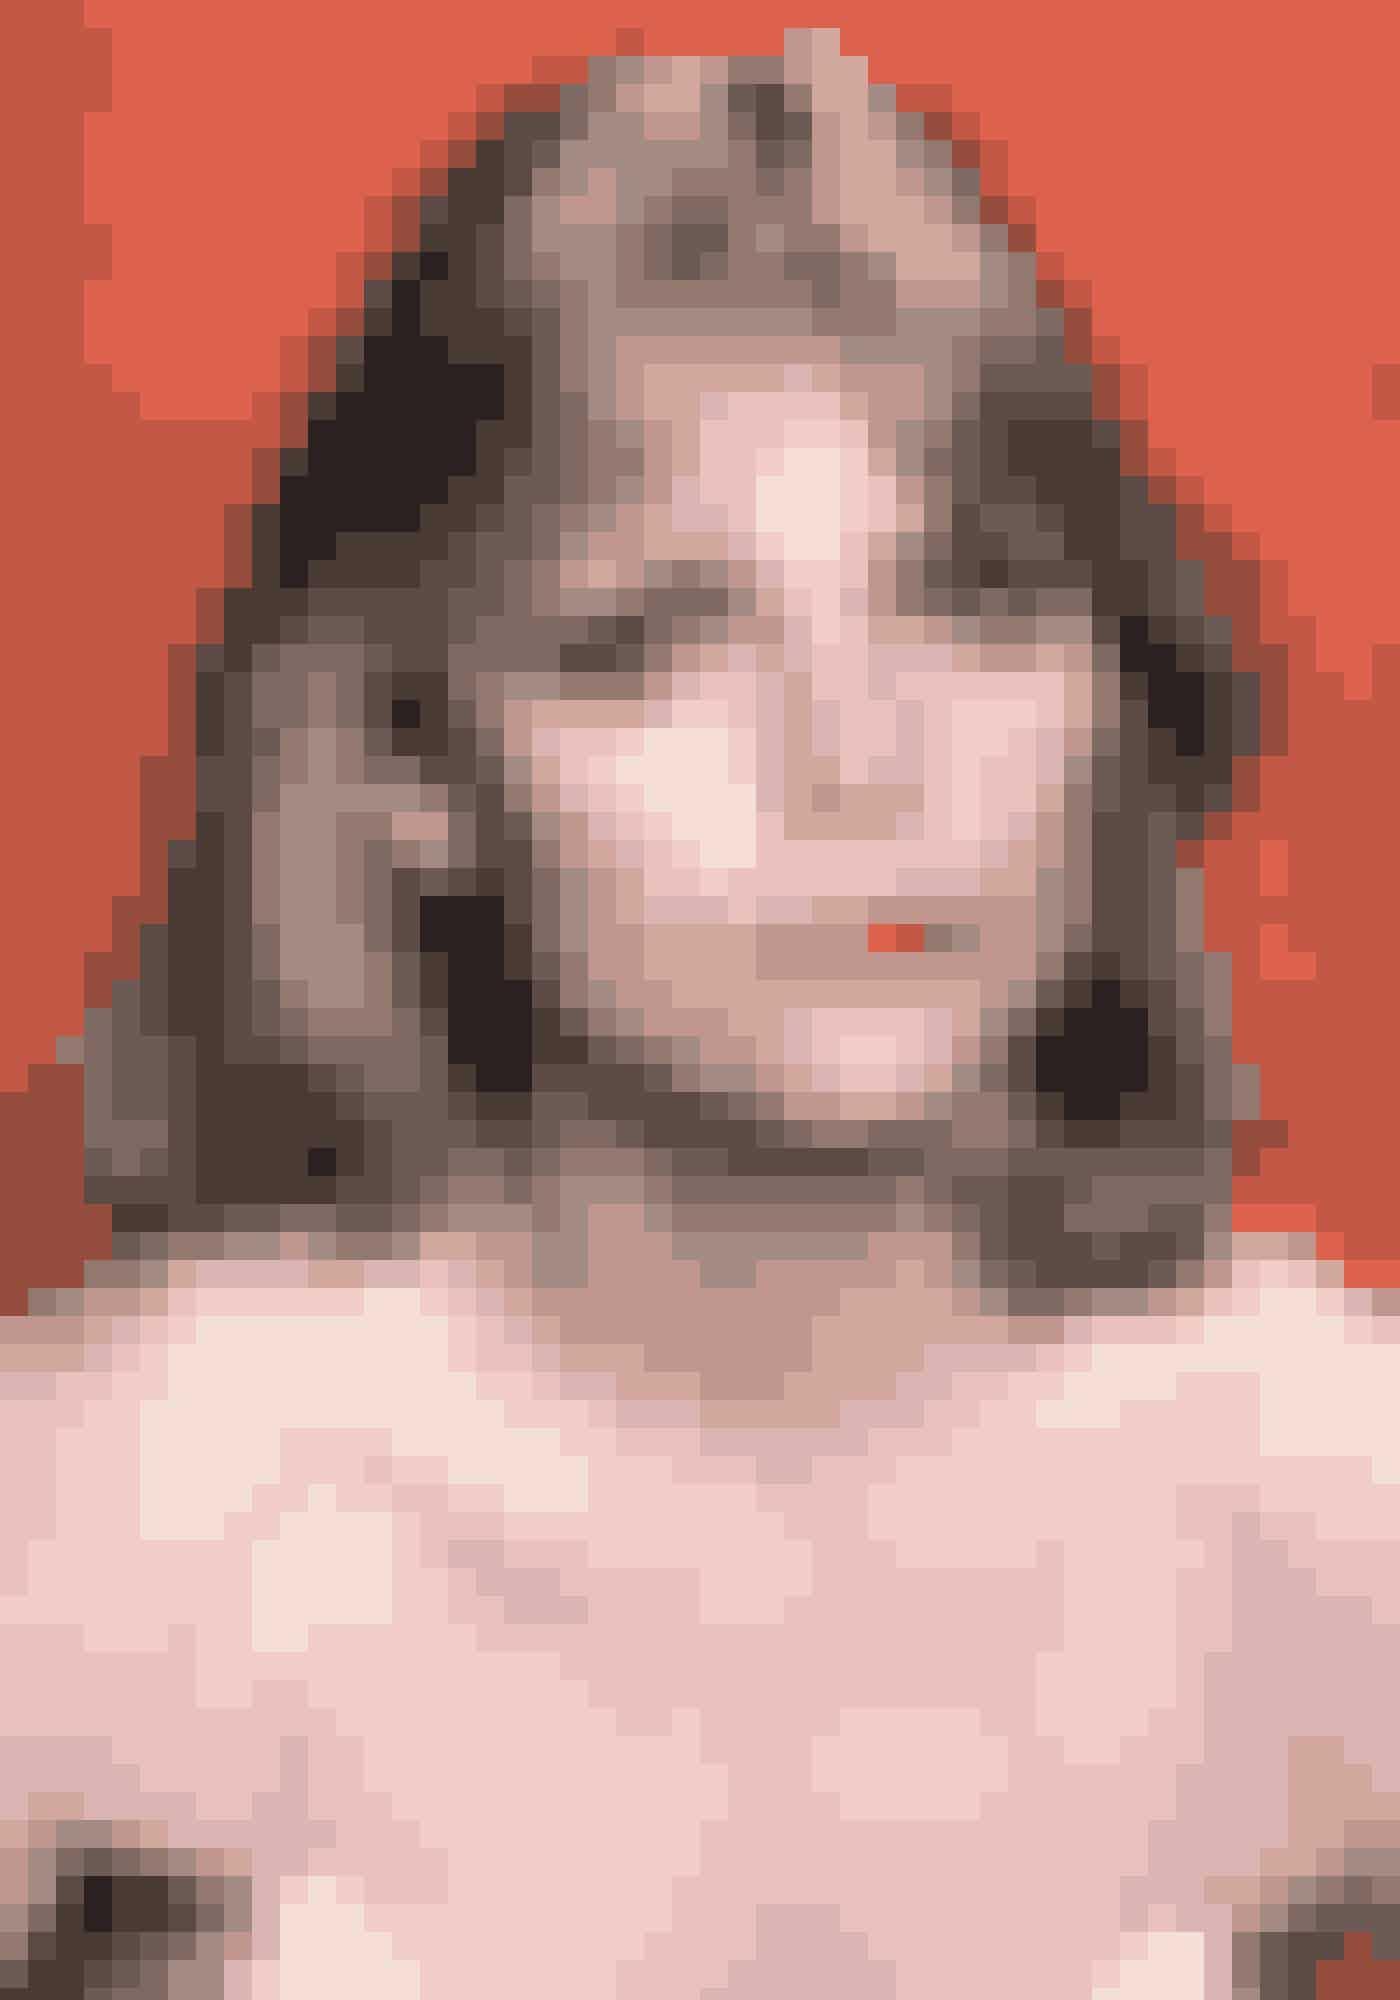 Michelle Pfeiffer brød igennem i begyndelsen af 80'erne, hvor hun medvirkede i bl.a. 'Grease 2' og 'Scarface'.